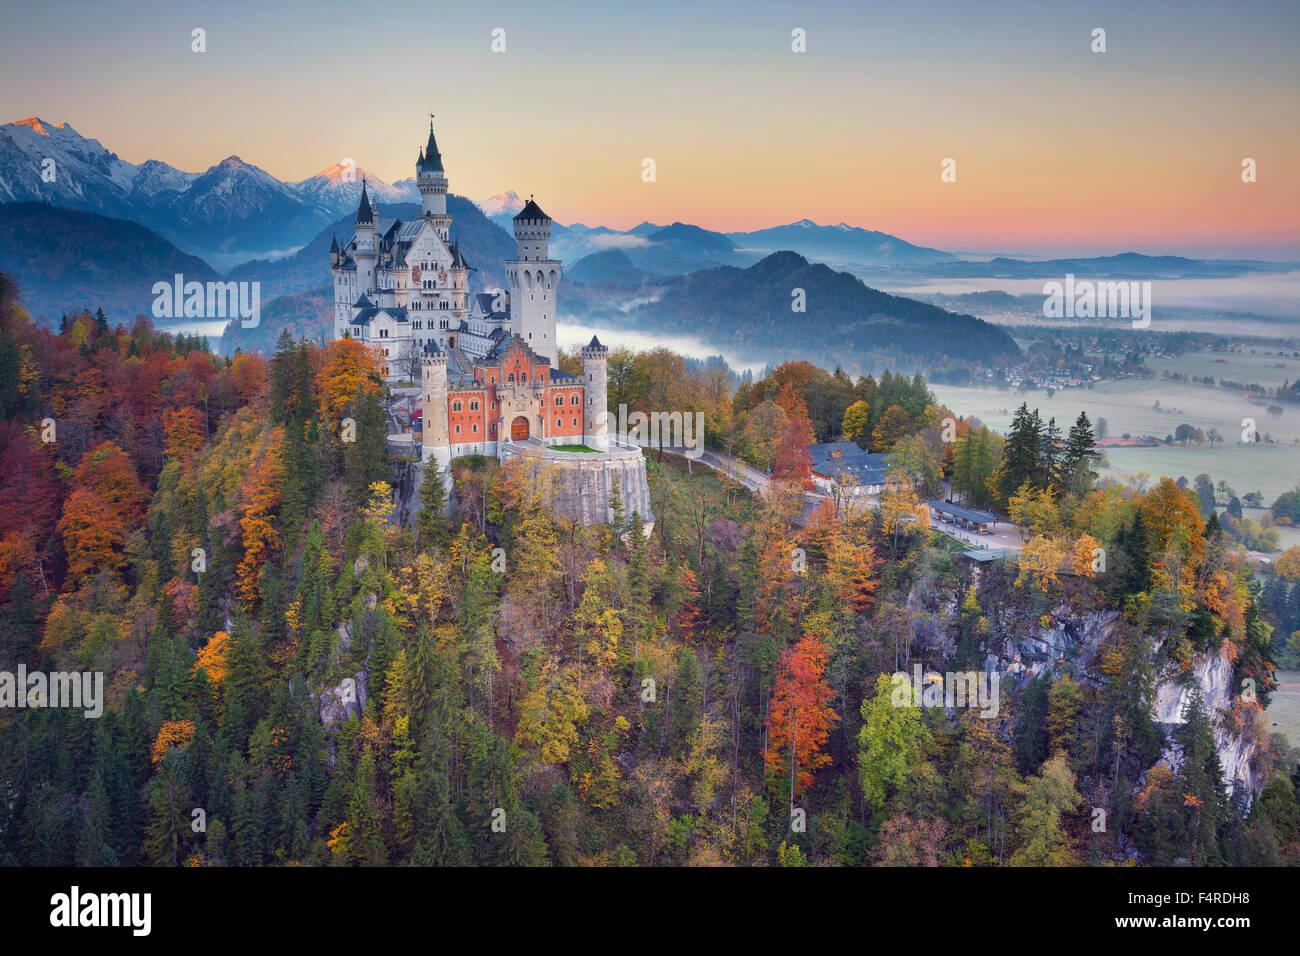 Il Castello di Neuschwanstein, Germania. Vista del Castello di Neuschwanstein durante l'autunno al crepuscolo. Immagini Stock